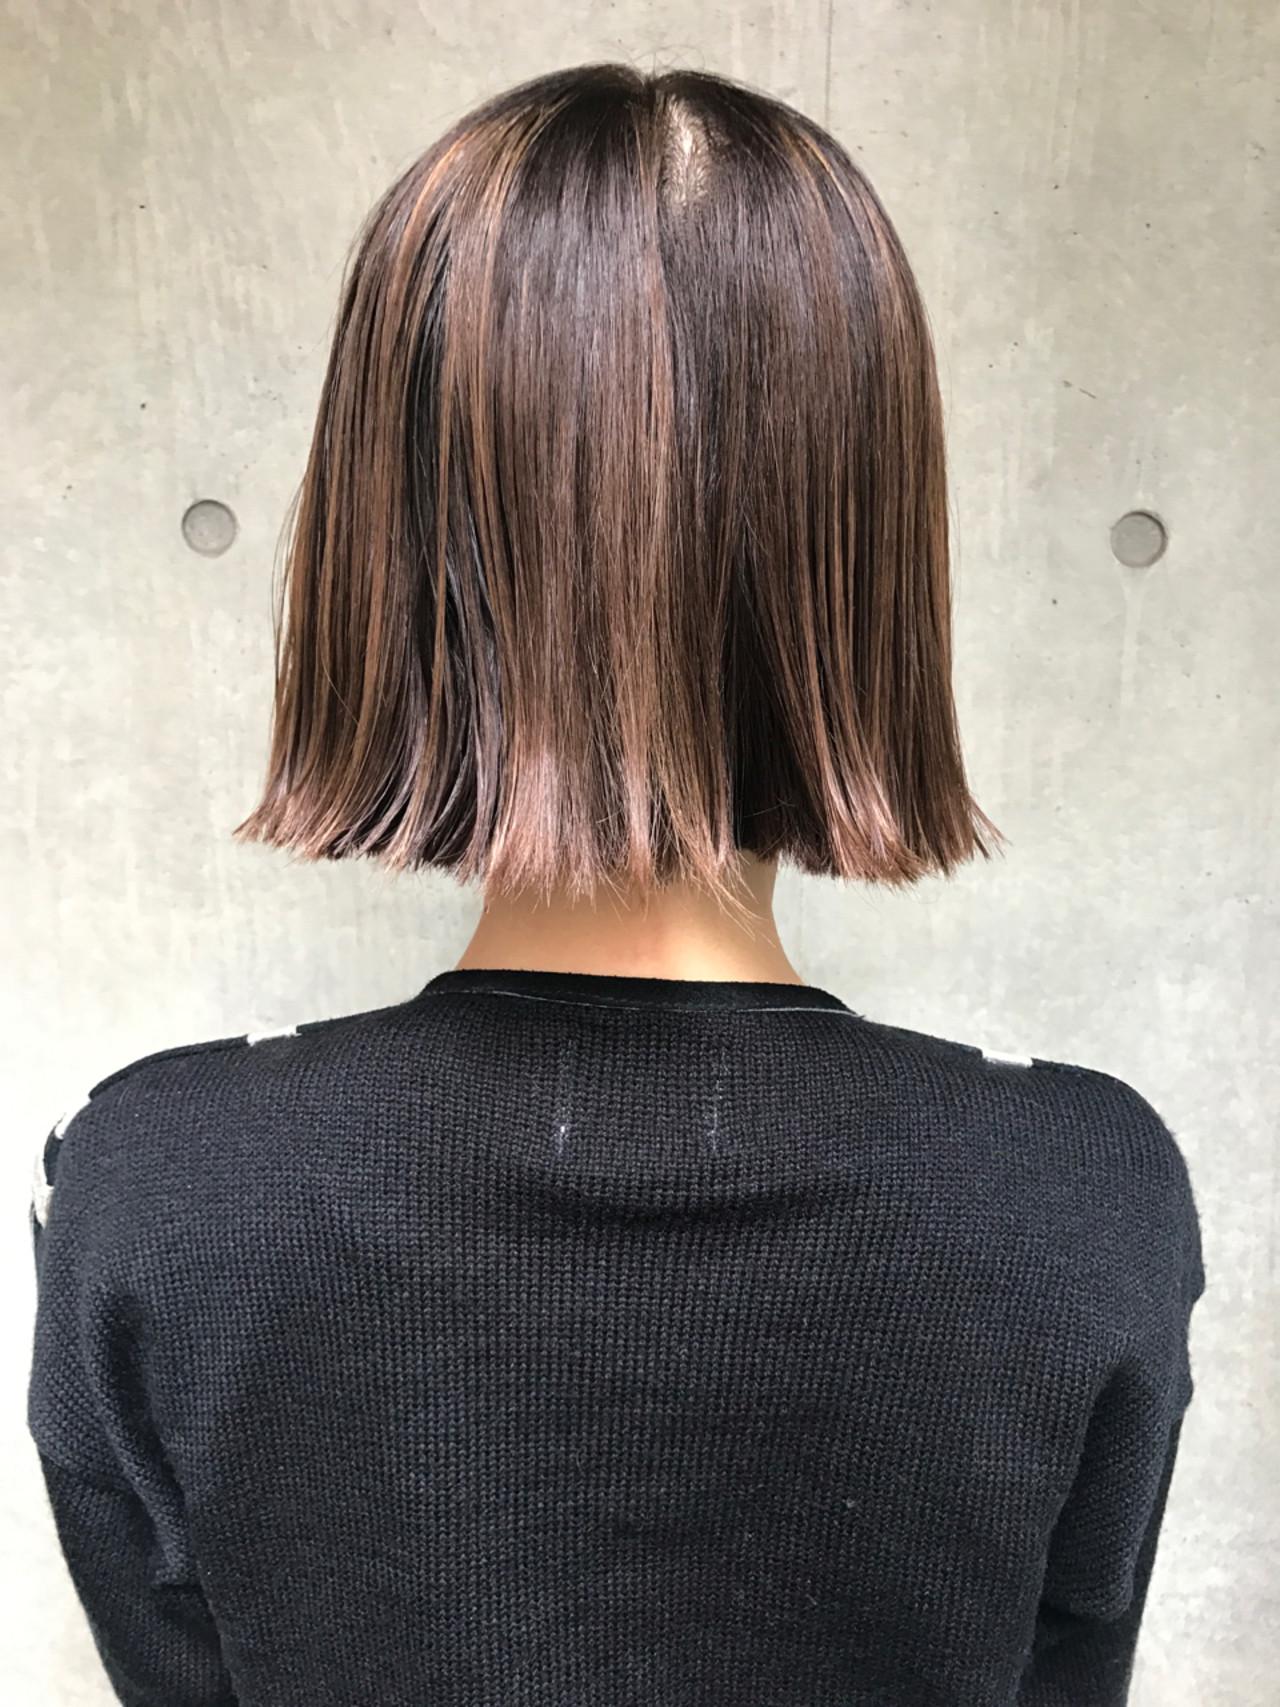 ボブ ハイライト ニュアンス モードヘアスタイルや髪型の写真・画像